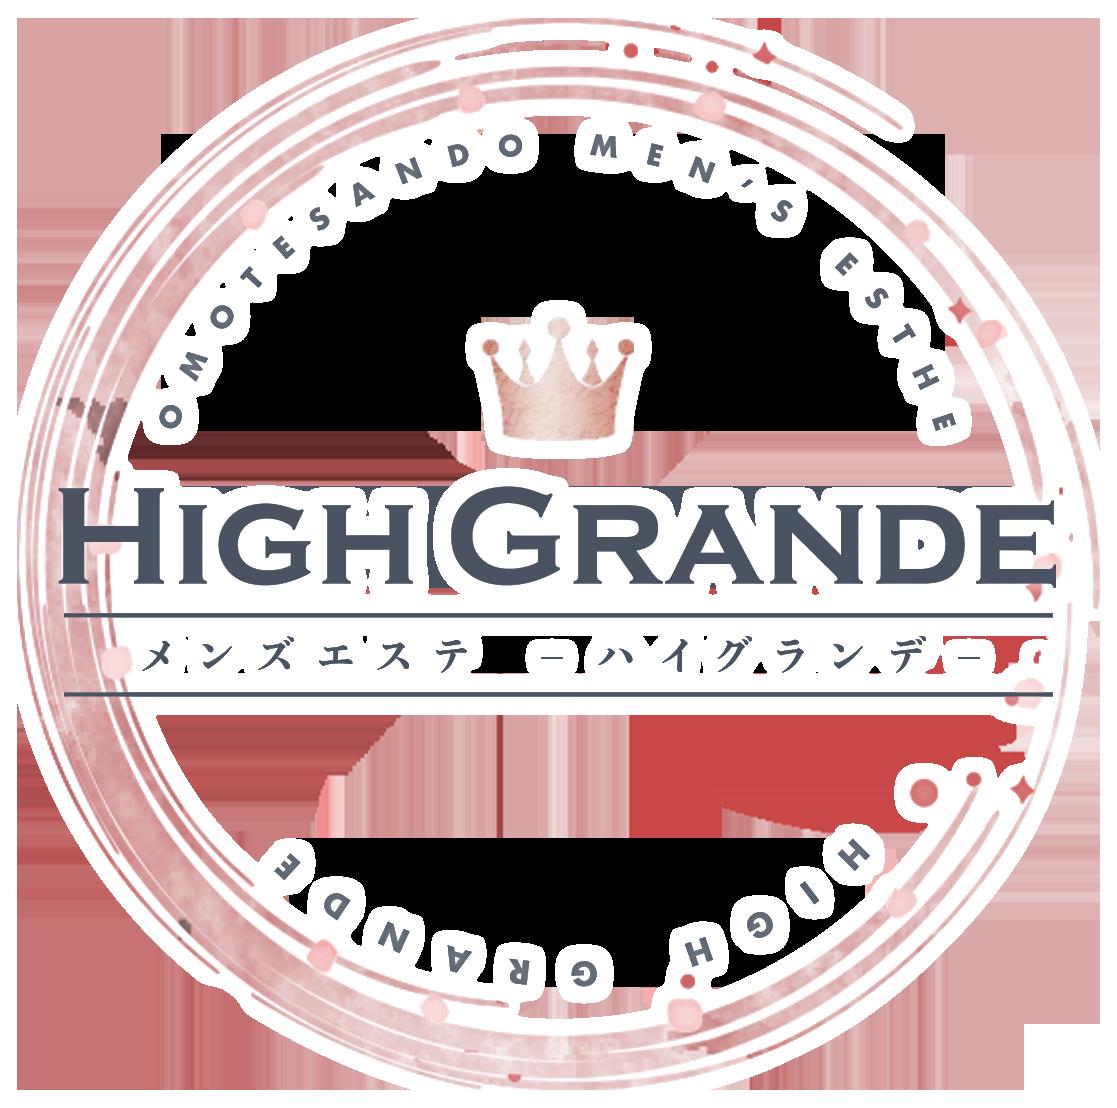 表参道メンズエステ High Grande -ハイグランデ